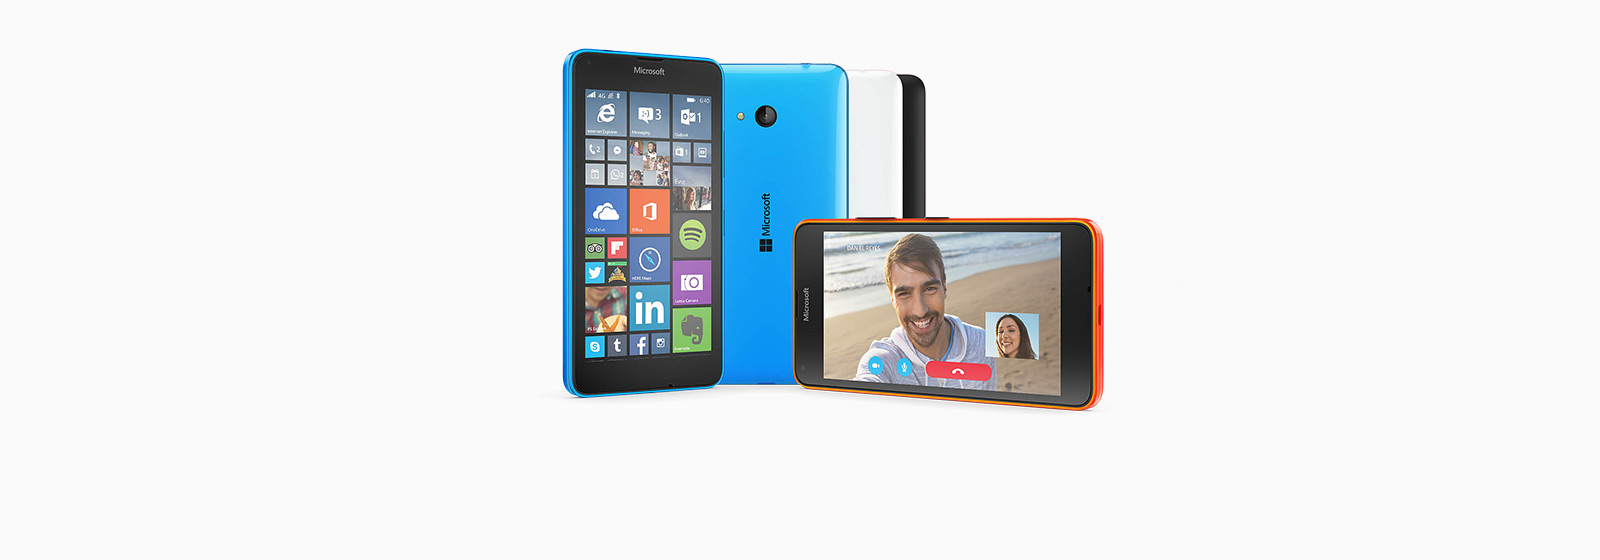 Vásárold meg a Lumia 640-et és biztosítsd magadnak az Office 365 Egyszemélyes verziót is.